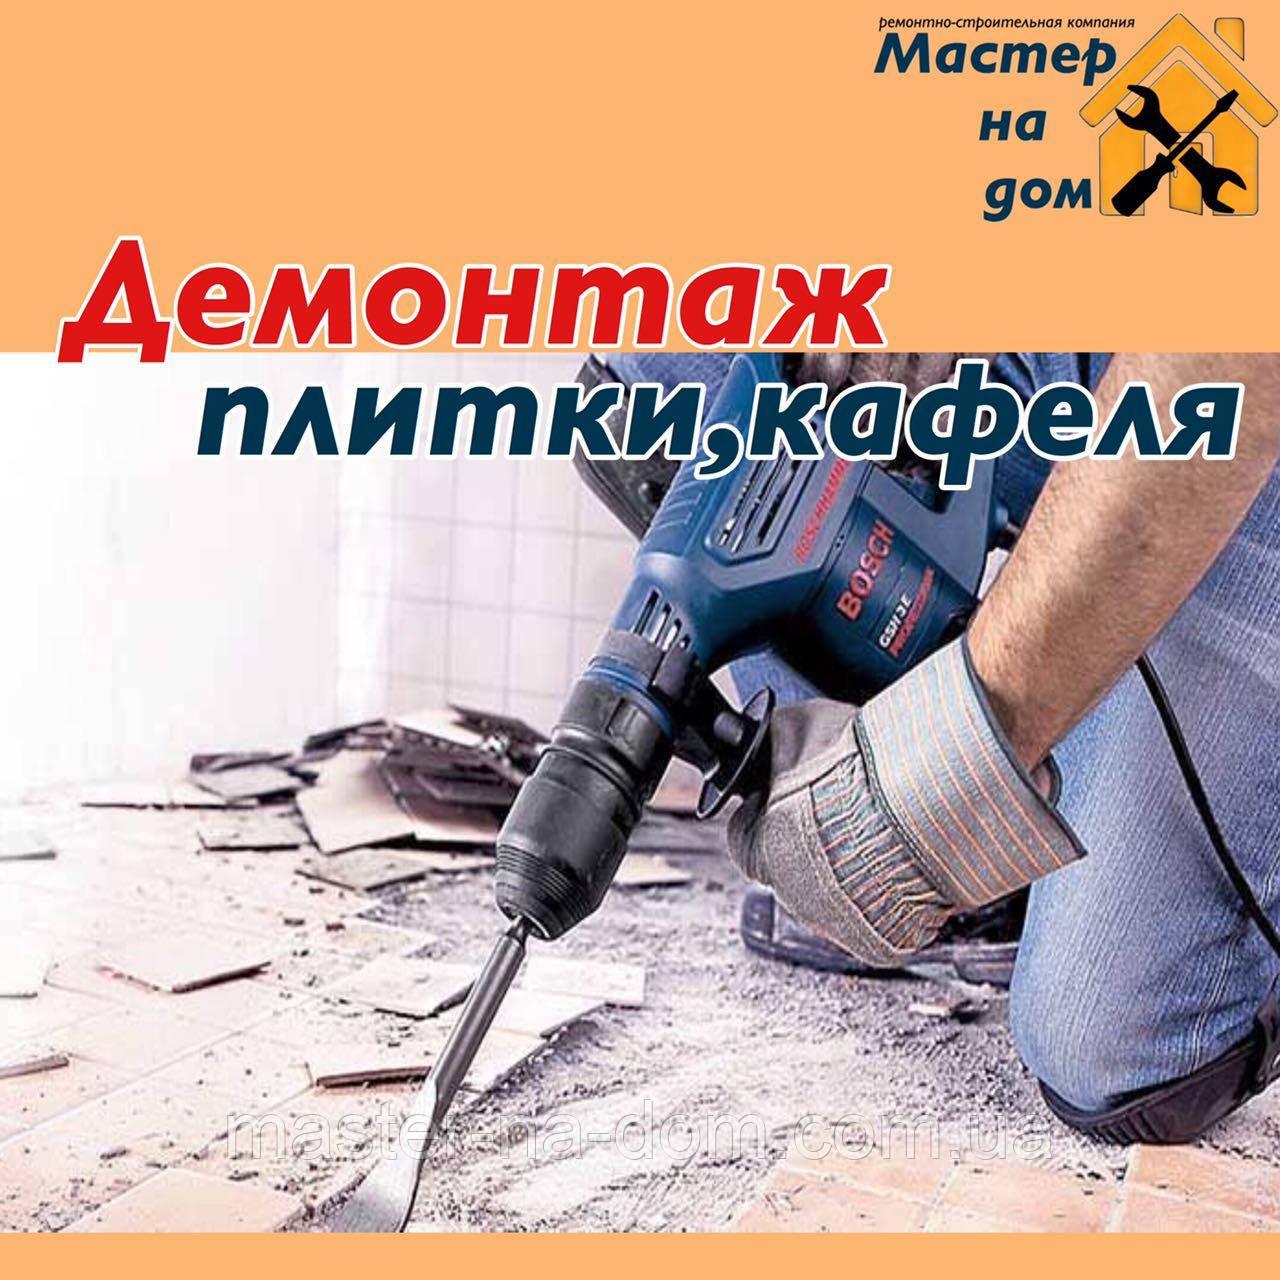 Демонтаж плитки, кафеля в Киеве